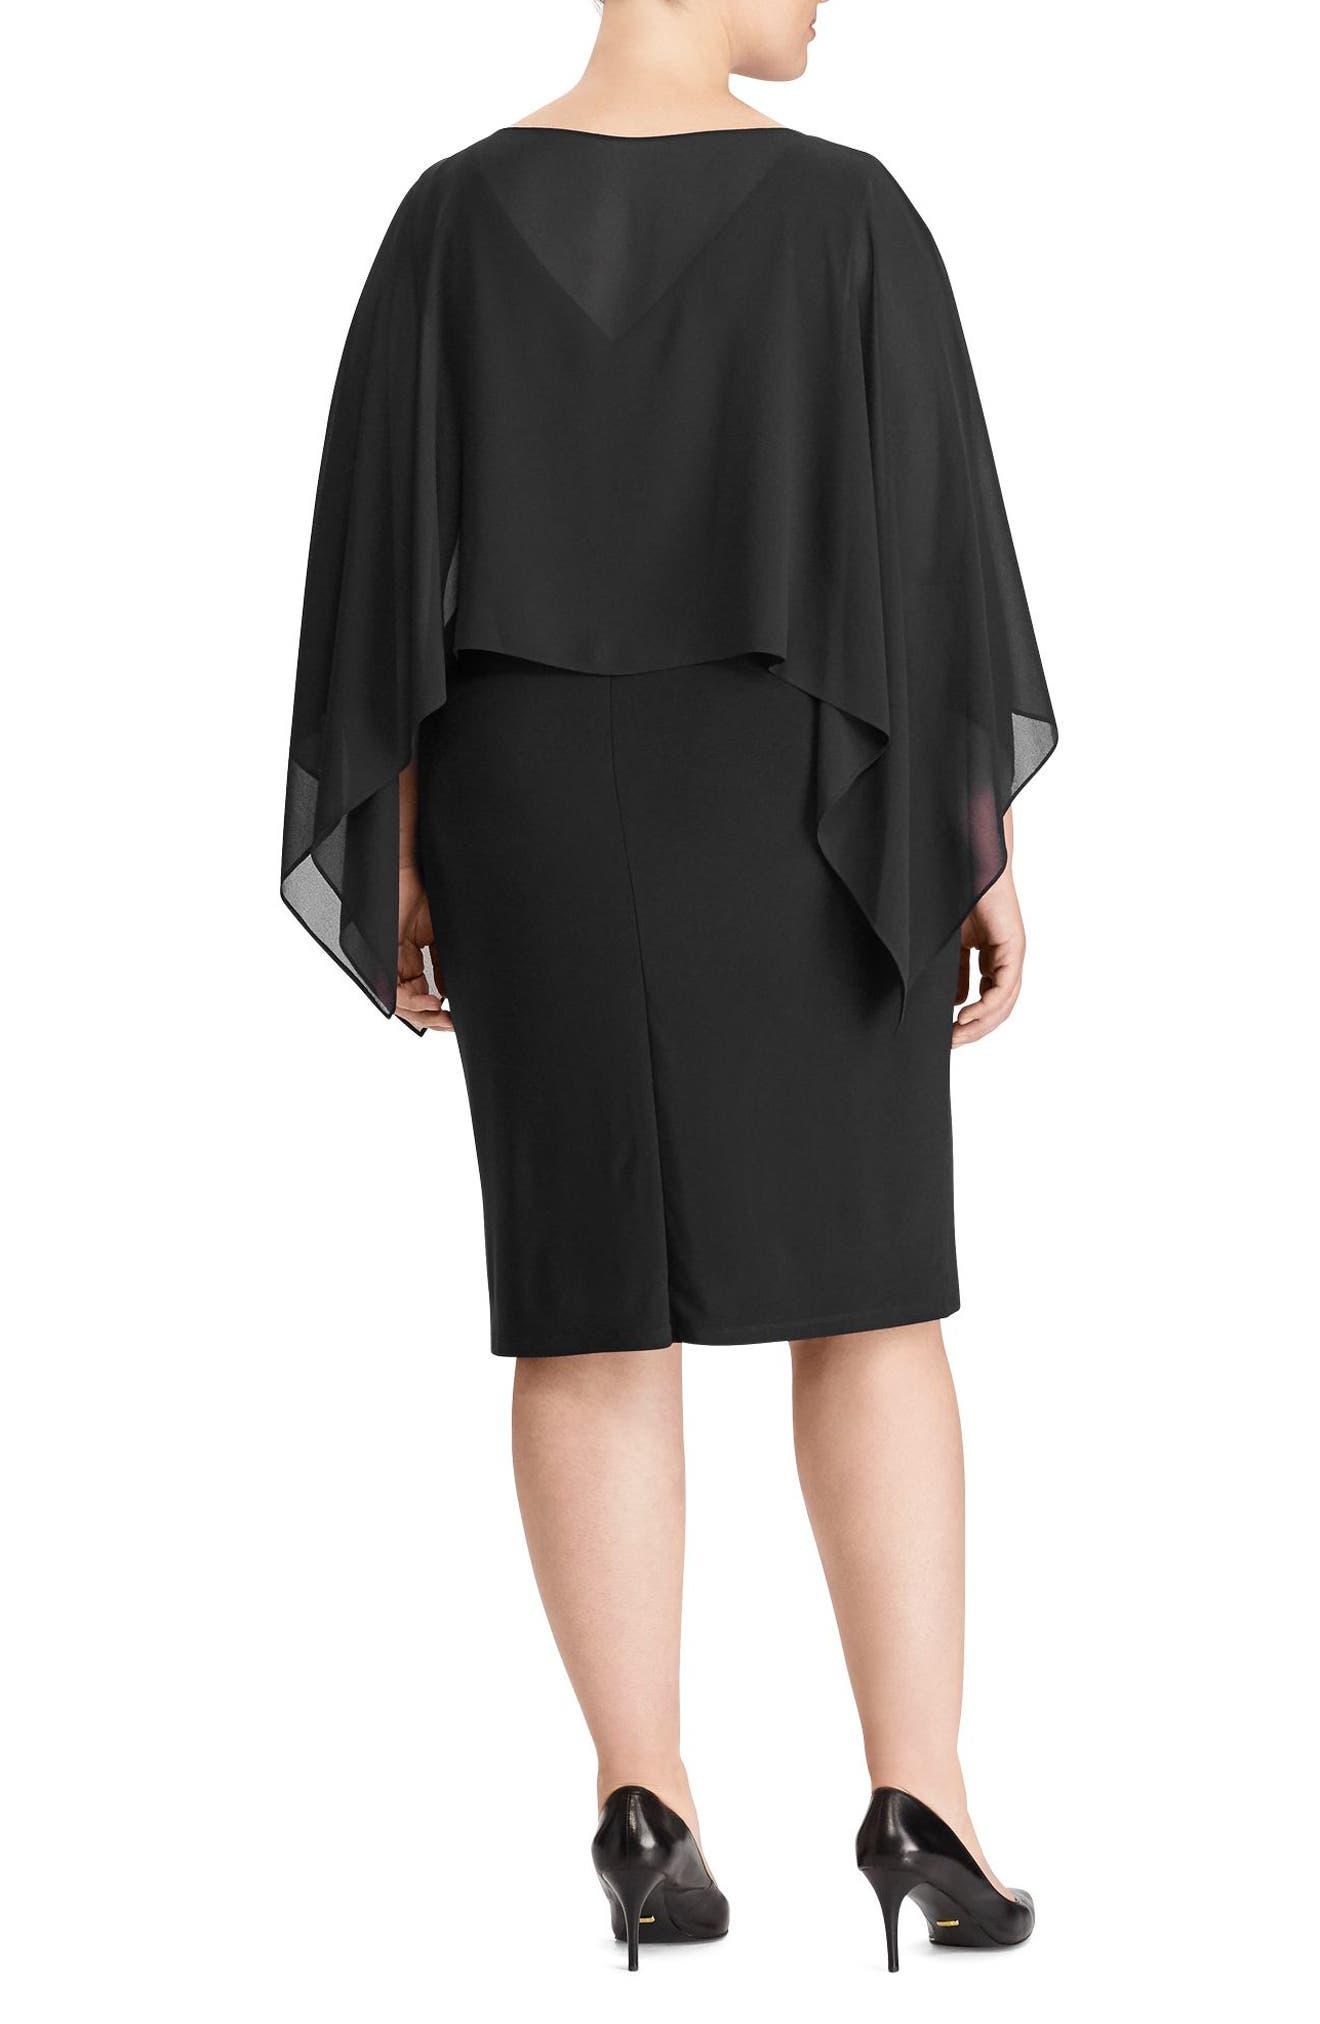 Mercinitta Dress,                             Alternate thumbnail 2, color,